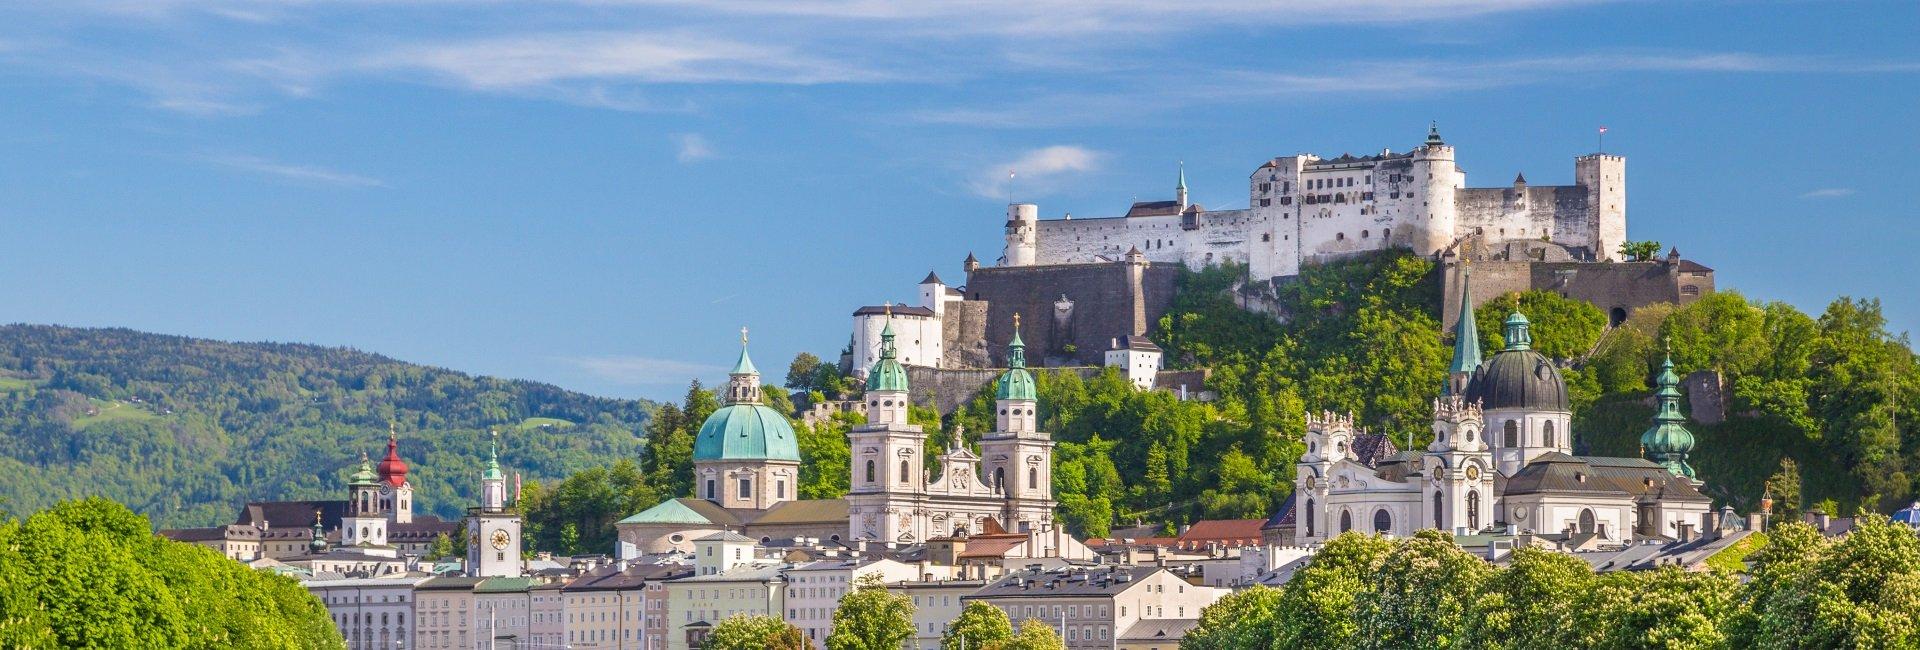 Salzburg-oostenrijk-hoofdstad